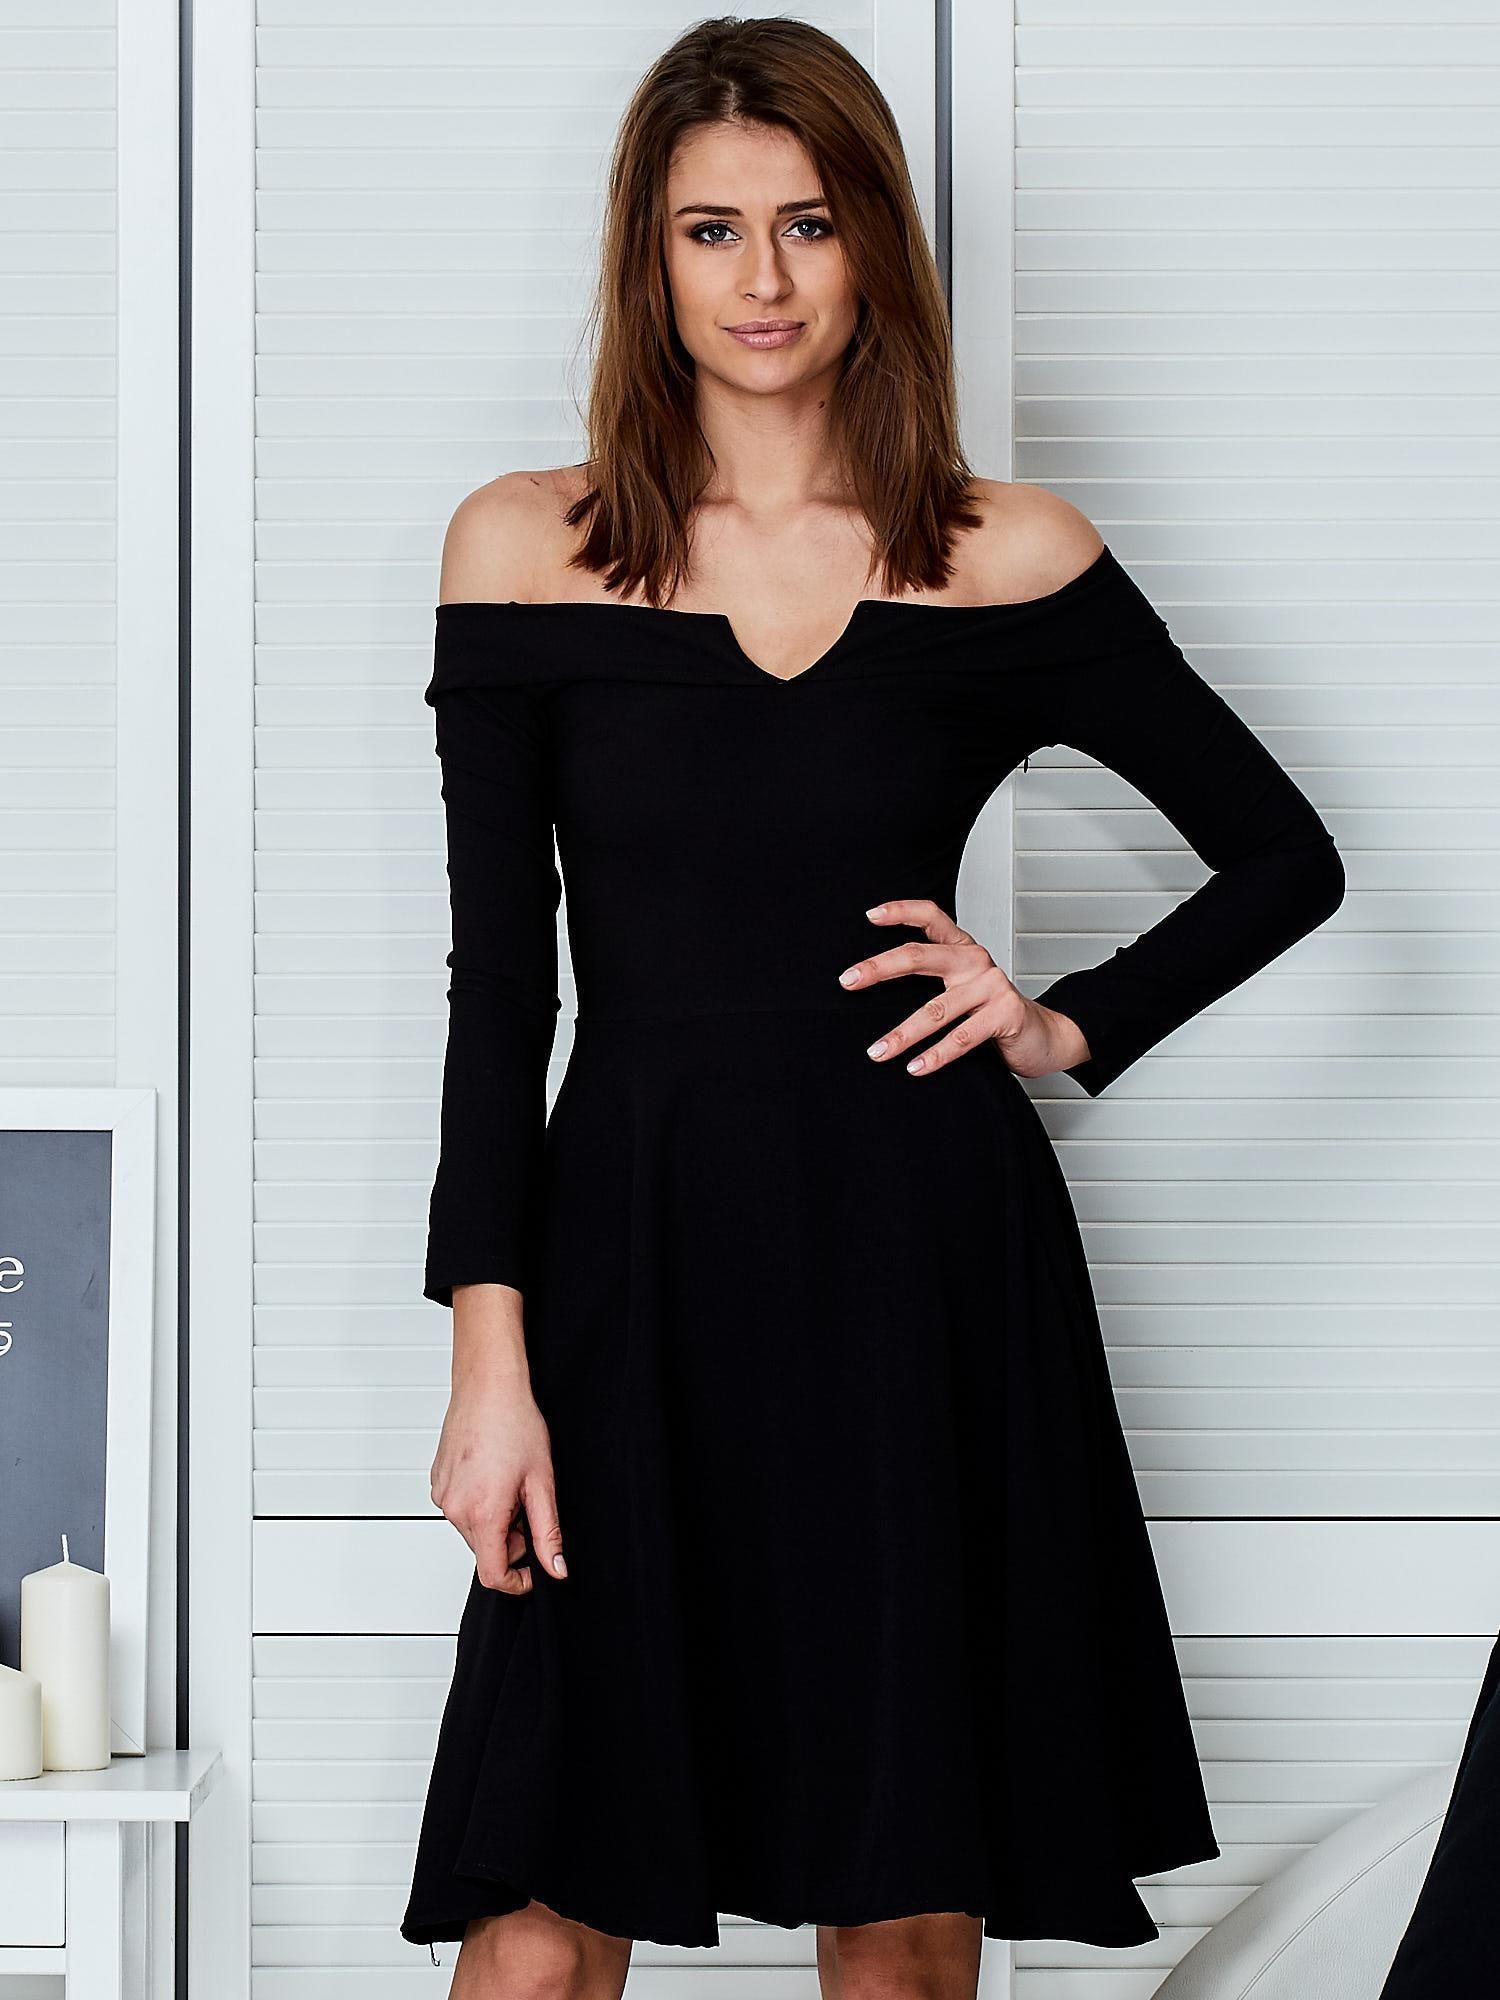 e45527d840 Sukienka czarna z odkrytymi ramionami i wycięciem - Sukienka koktajlowa -  sklep eButik.pl